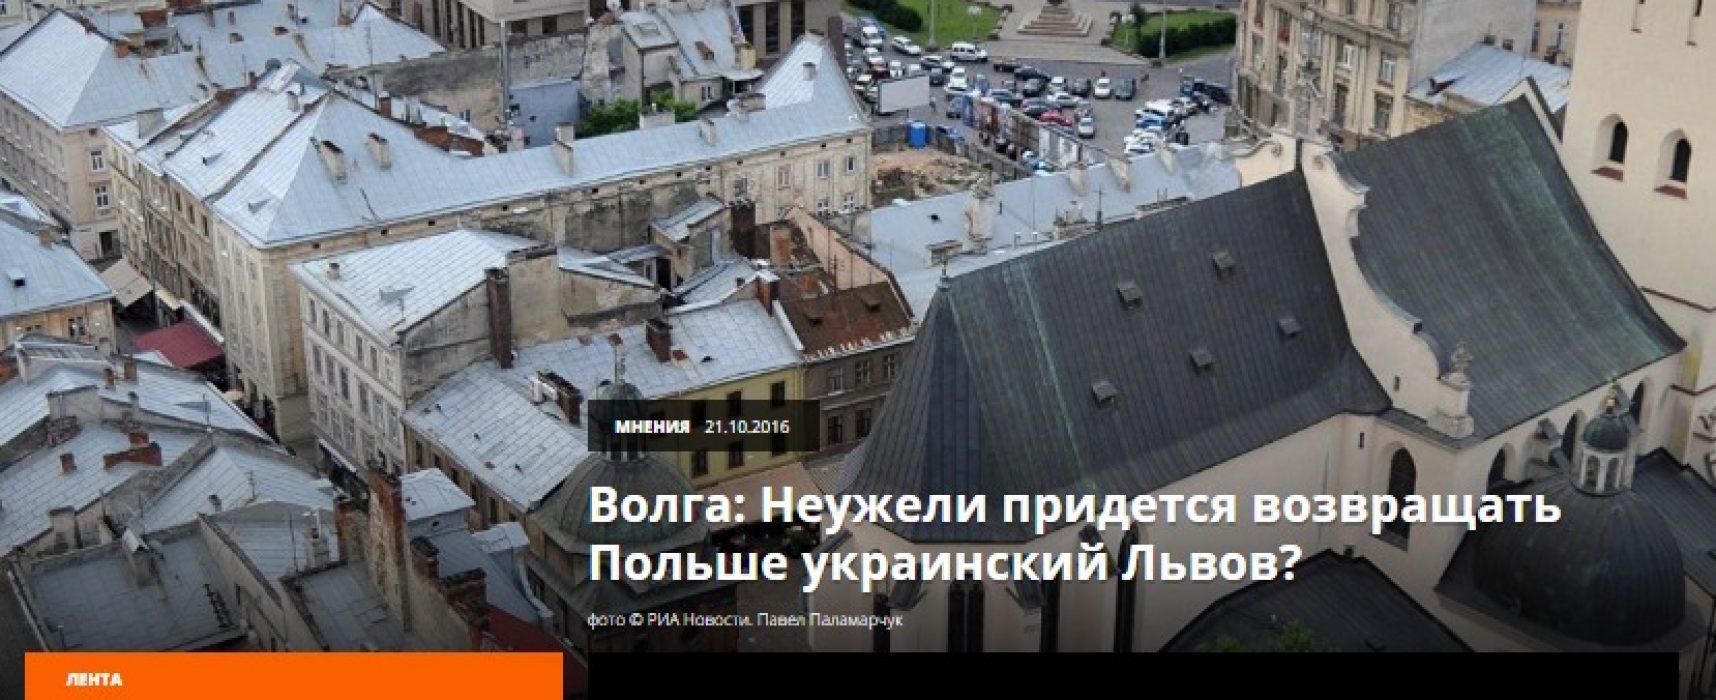 Фейк: Украине придется вернуть Львов Польше